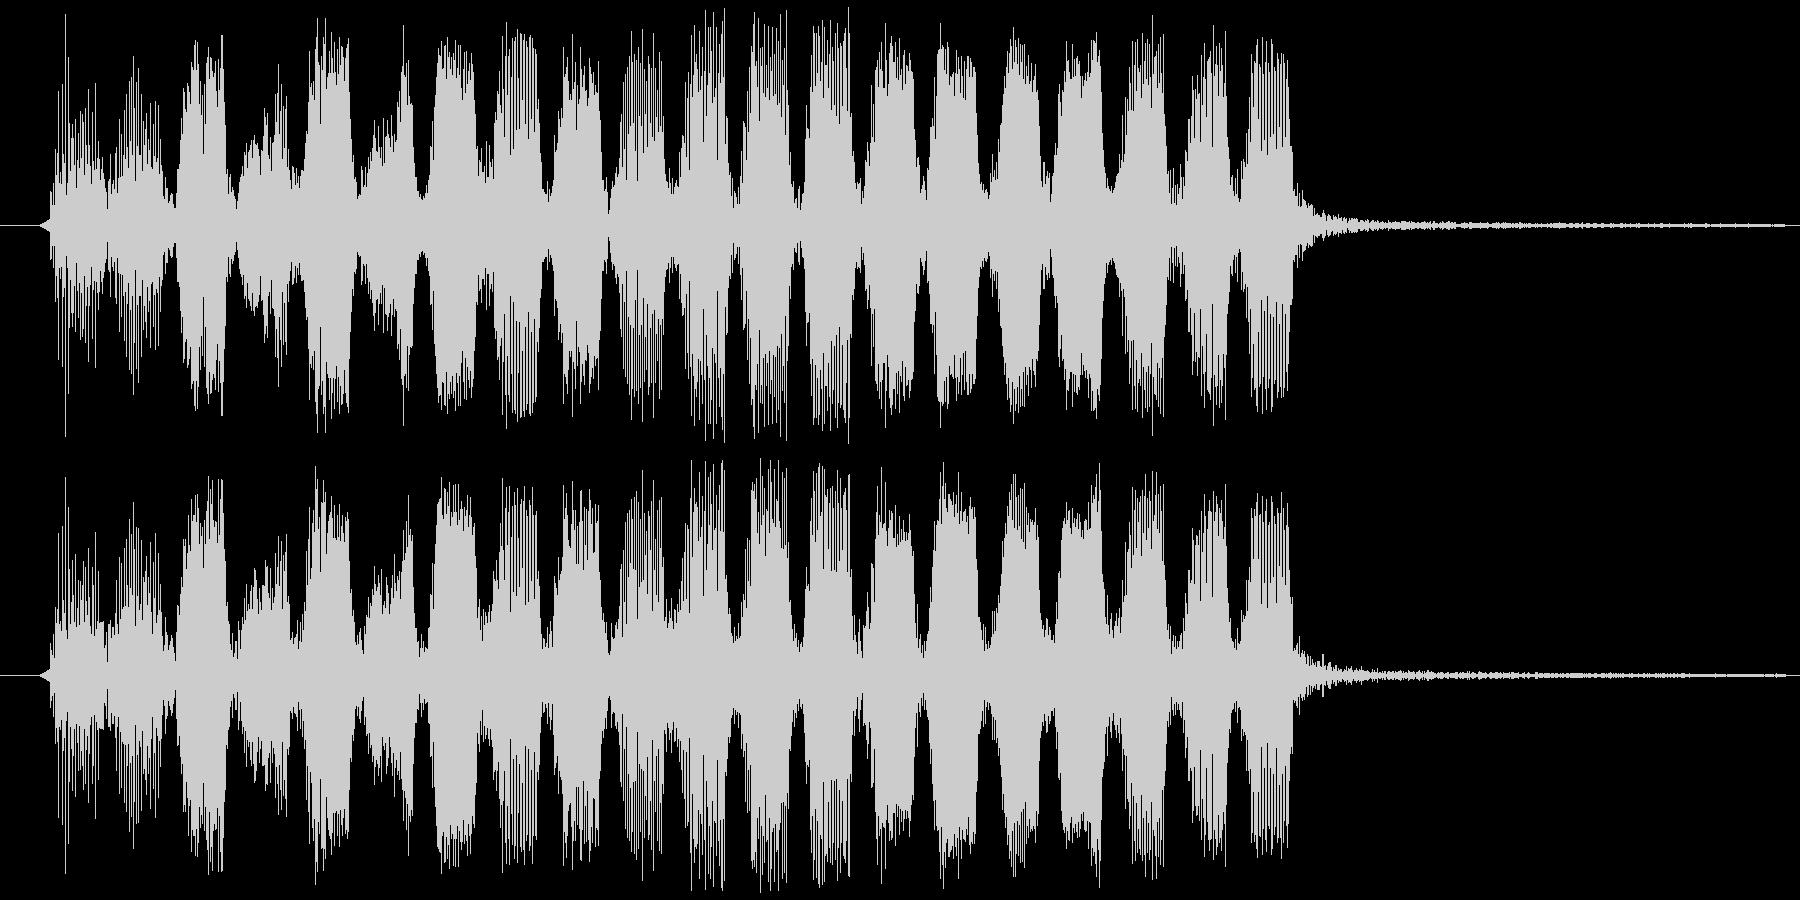 コミカルで変な効果音・出現音の未再生の波形